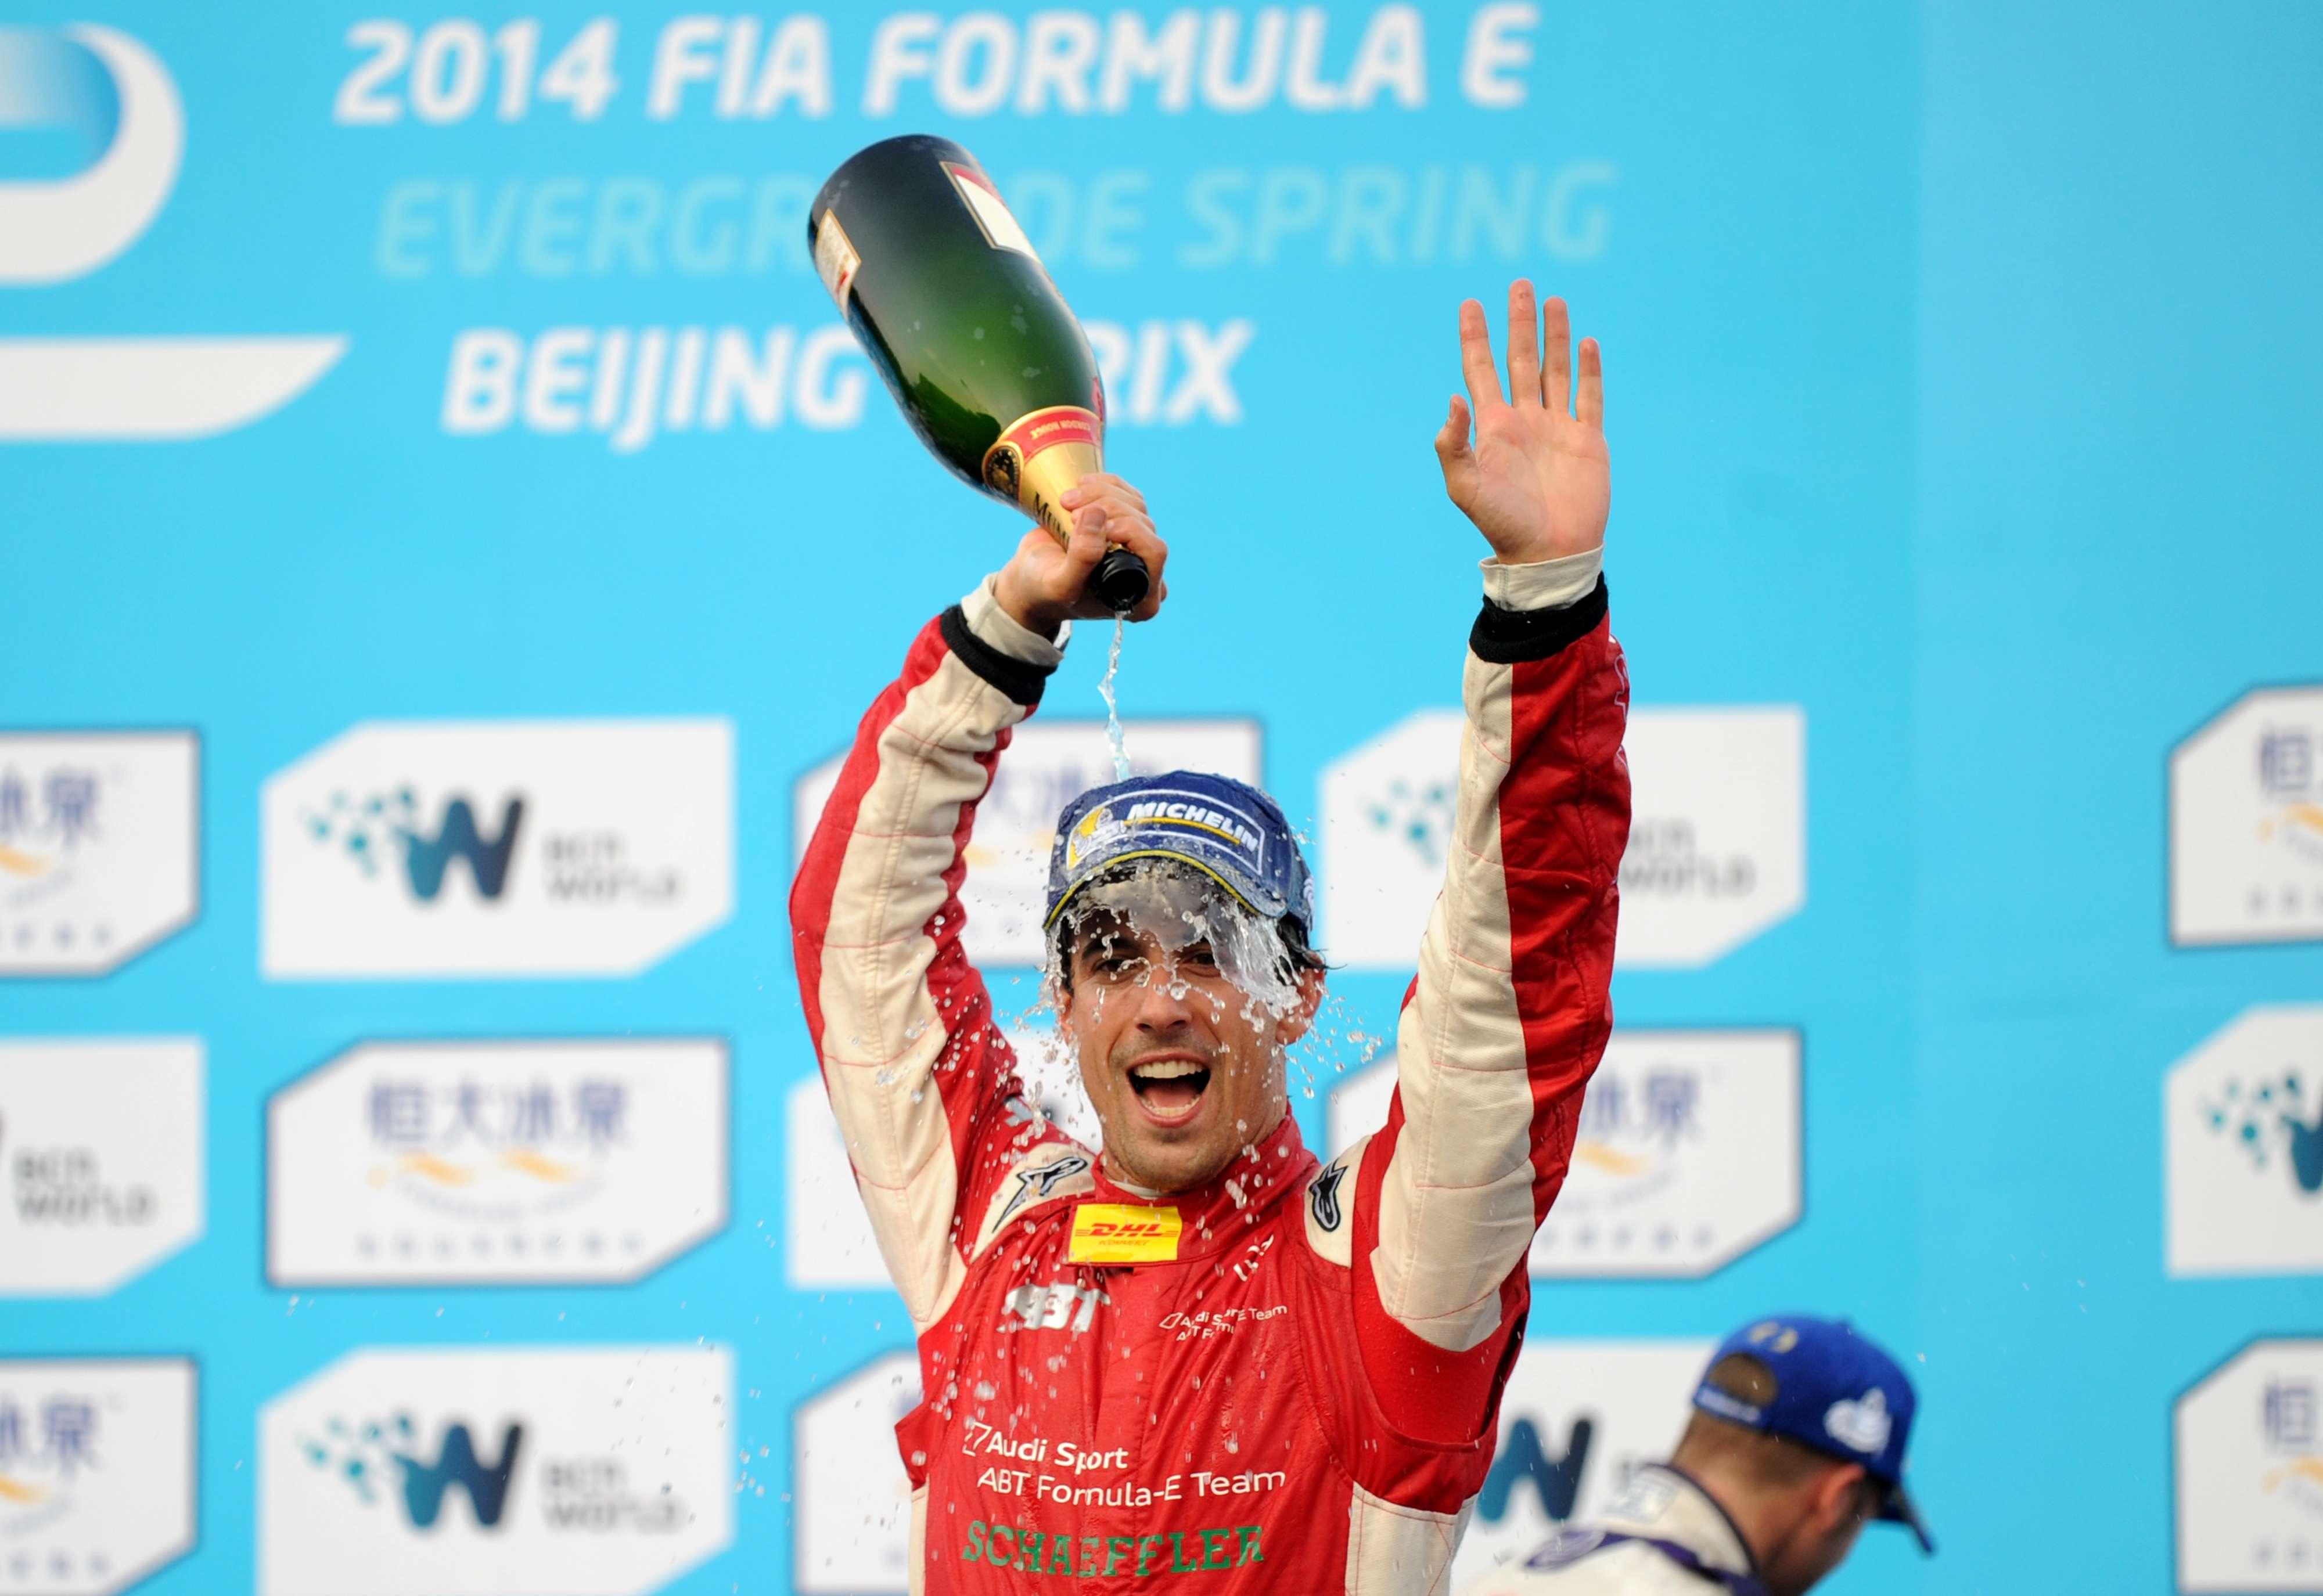 Lucas di Grassi vence a primeira prova da Fórmula E Foto: Wang Zhao/AFP